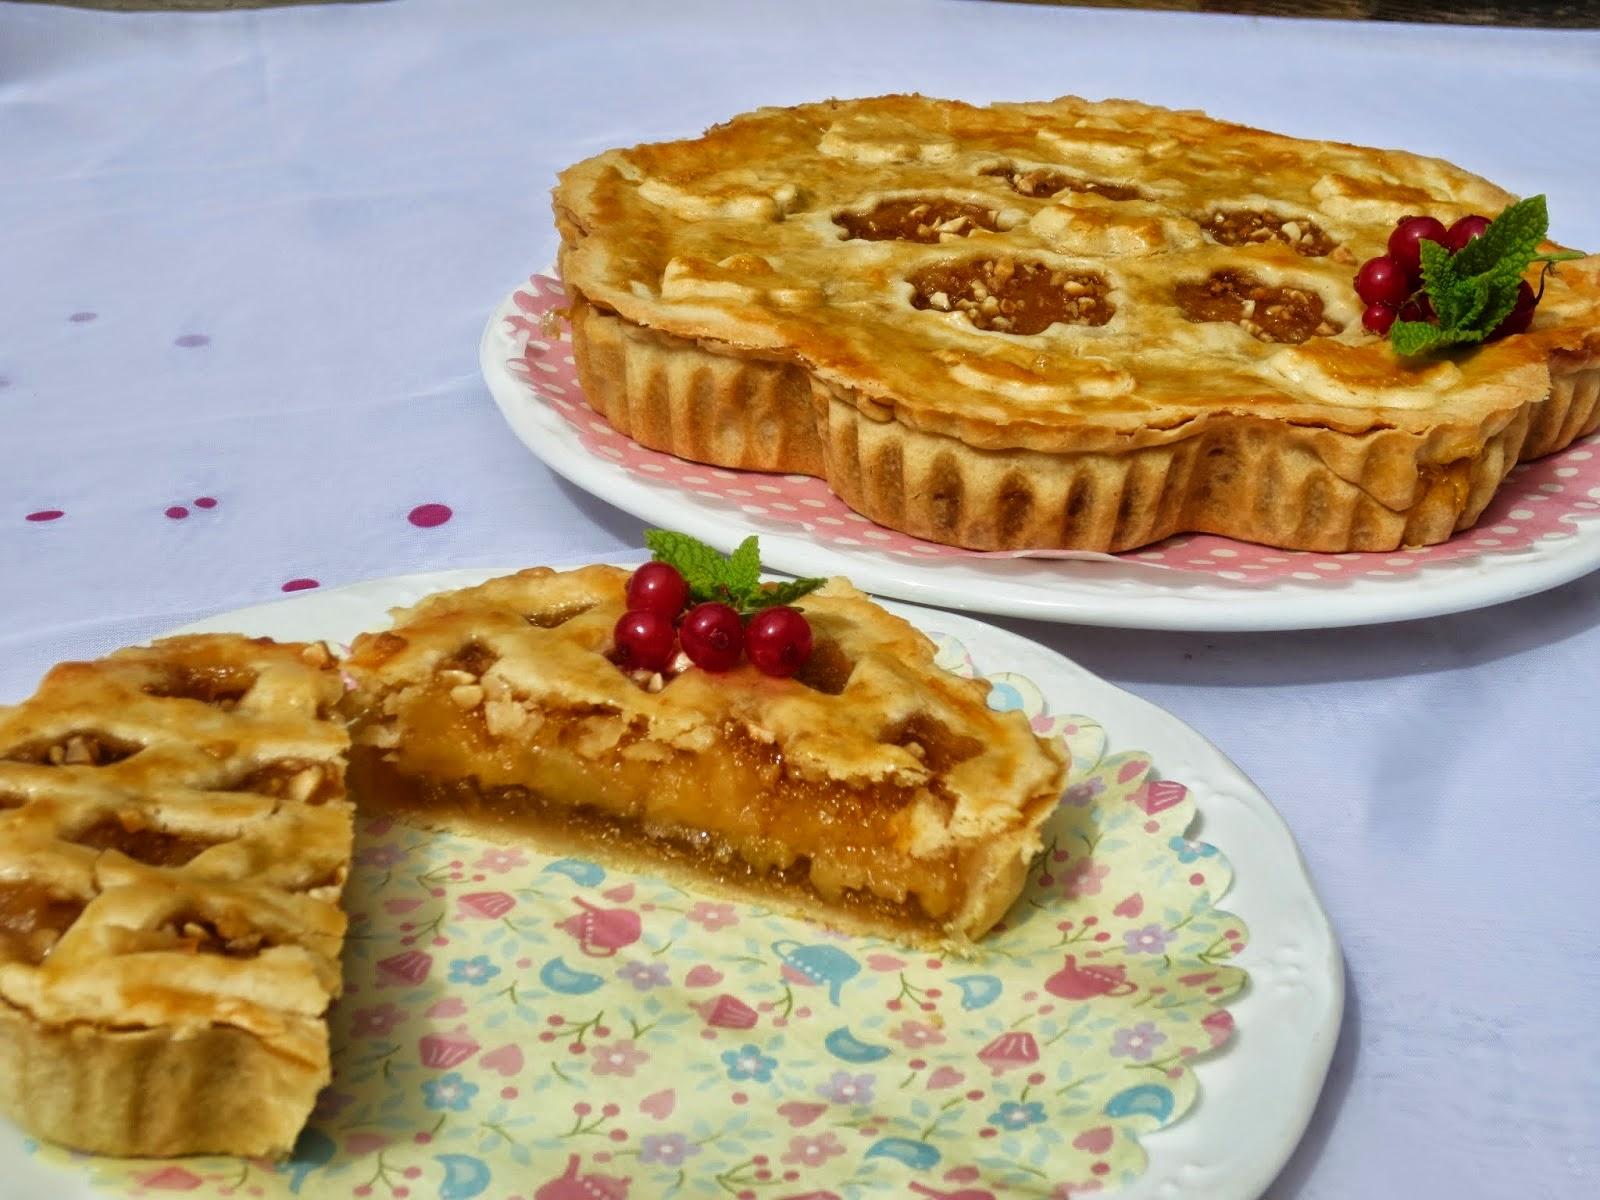 Pie o pastel de compota de manzana y cabello de ángel Ana Sevilla cocina tradicional